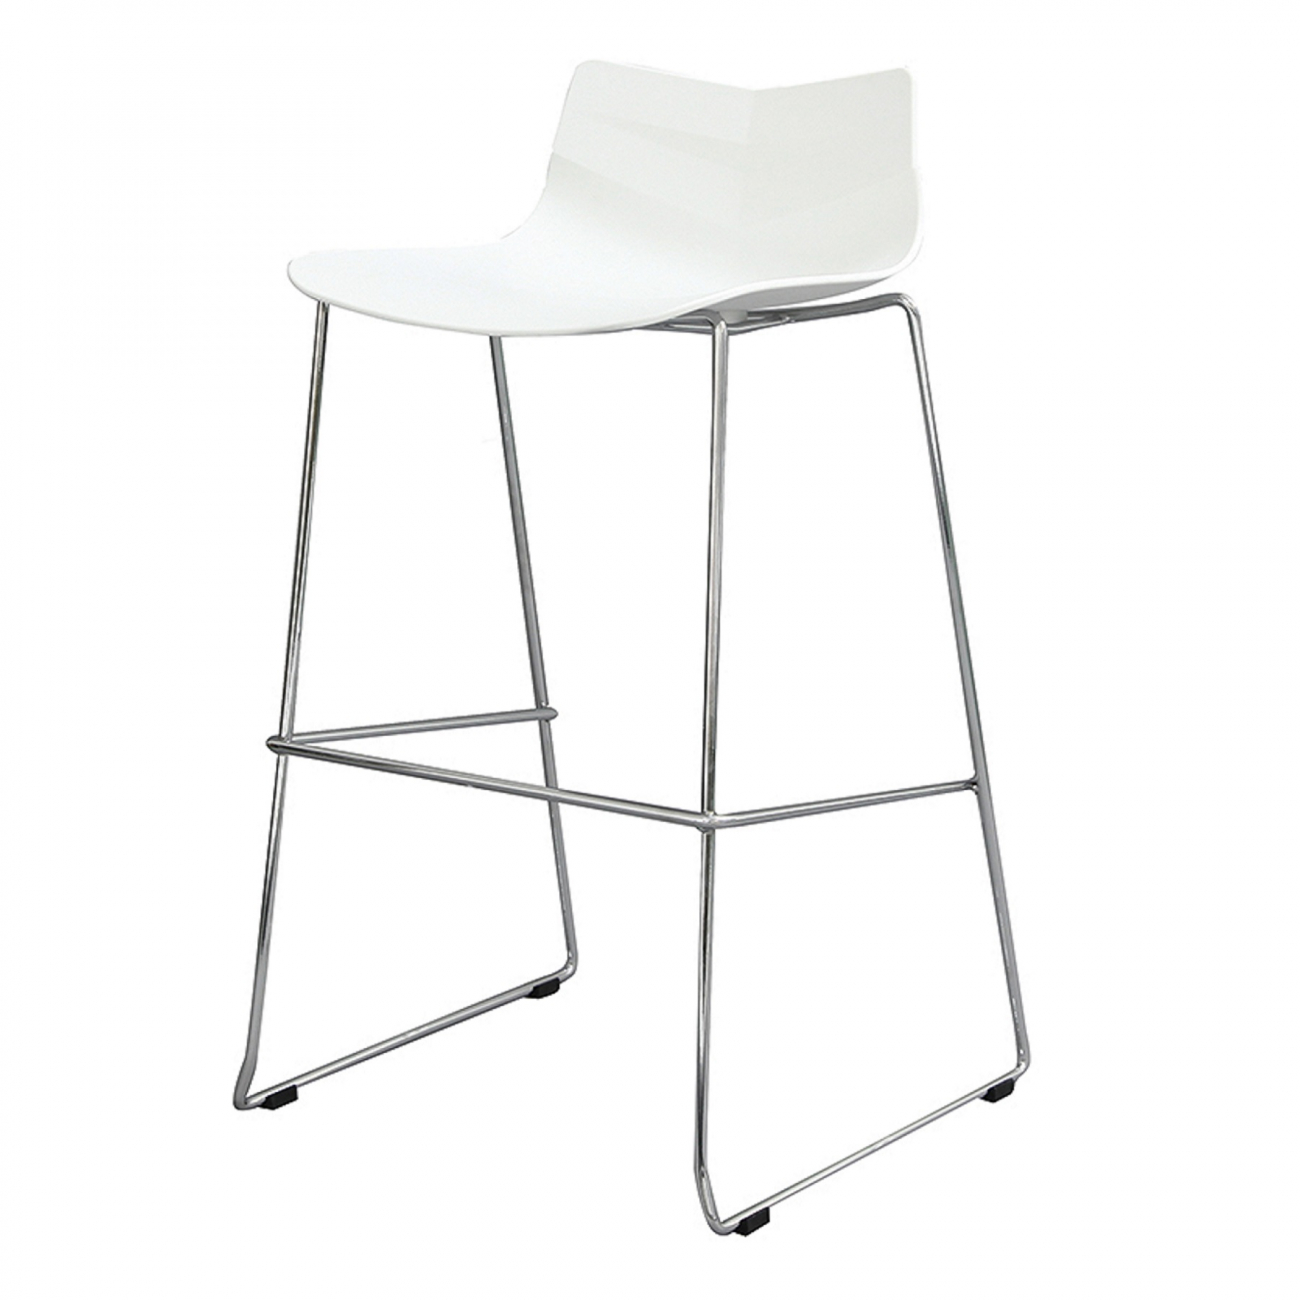 Купить Стул барный Rosemary Белый в интернет магазине дизайнерской мебели и аксессуаров для дома и дачи